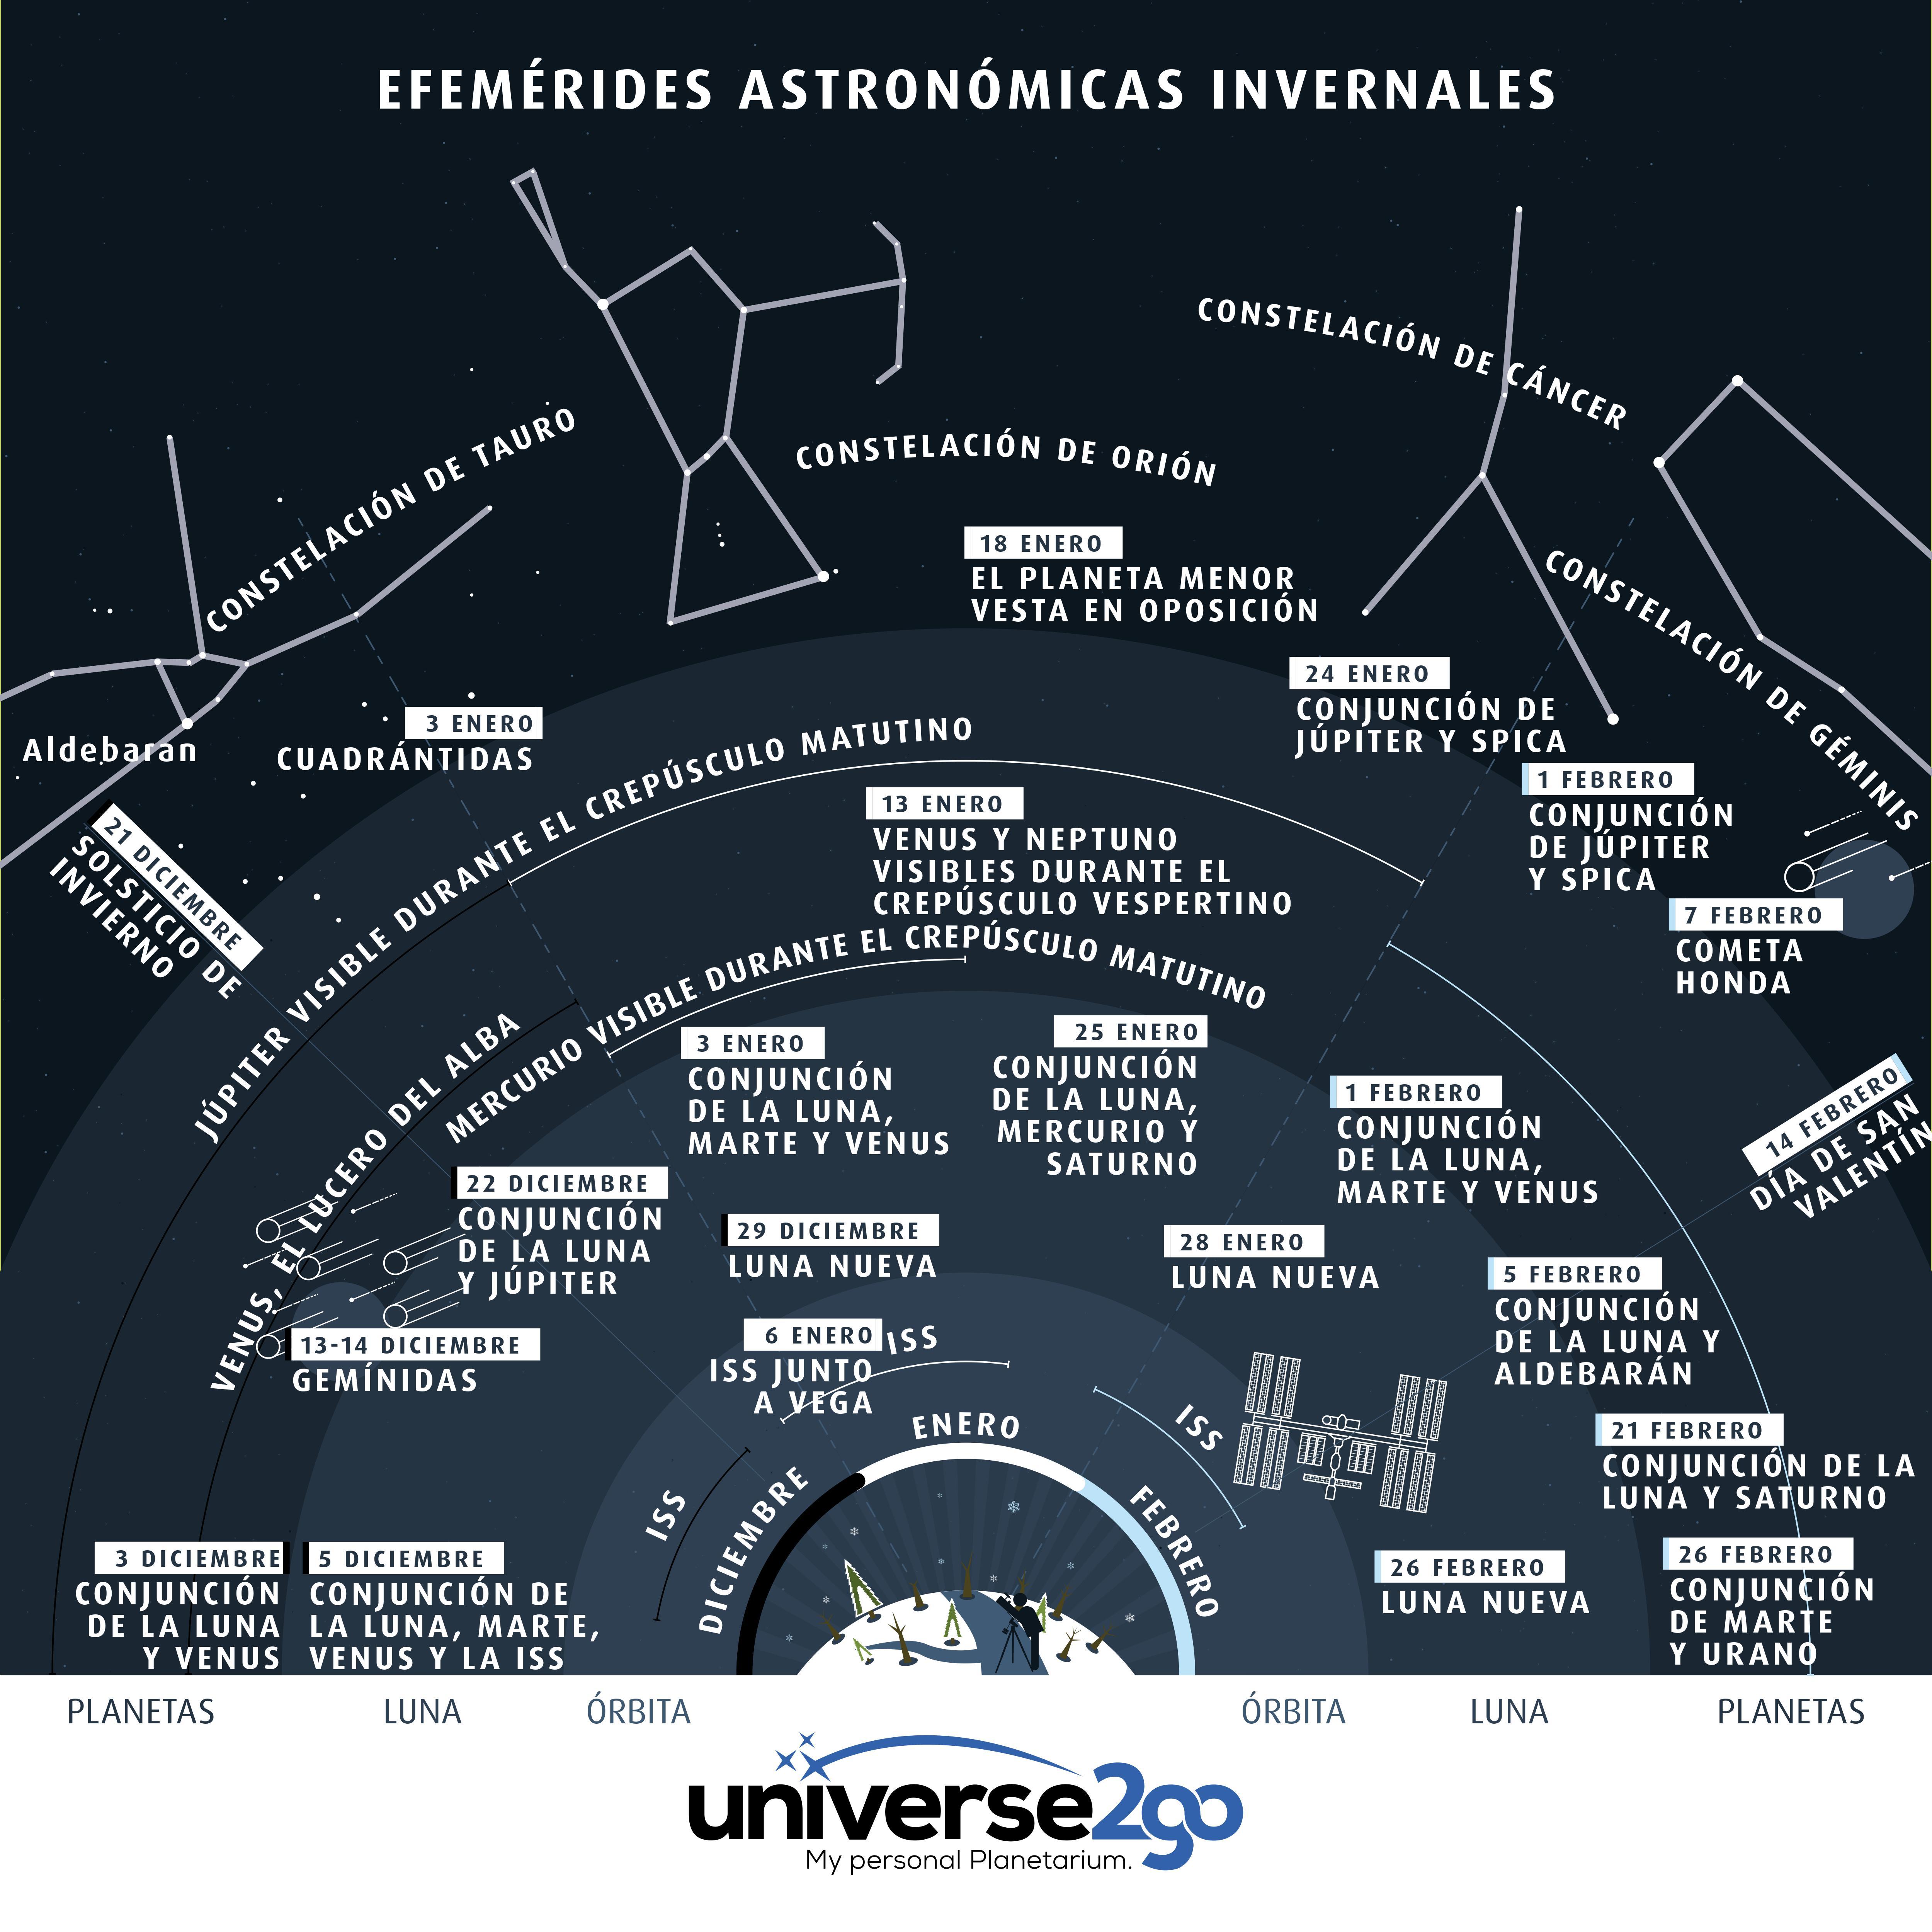 Infografía Highlights en invierno 2016 2017: Toda la información de un vistazo, sobre la ISS, la luna, los planetas, las constelaciones